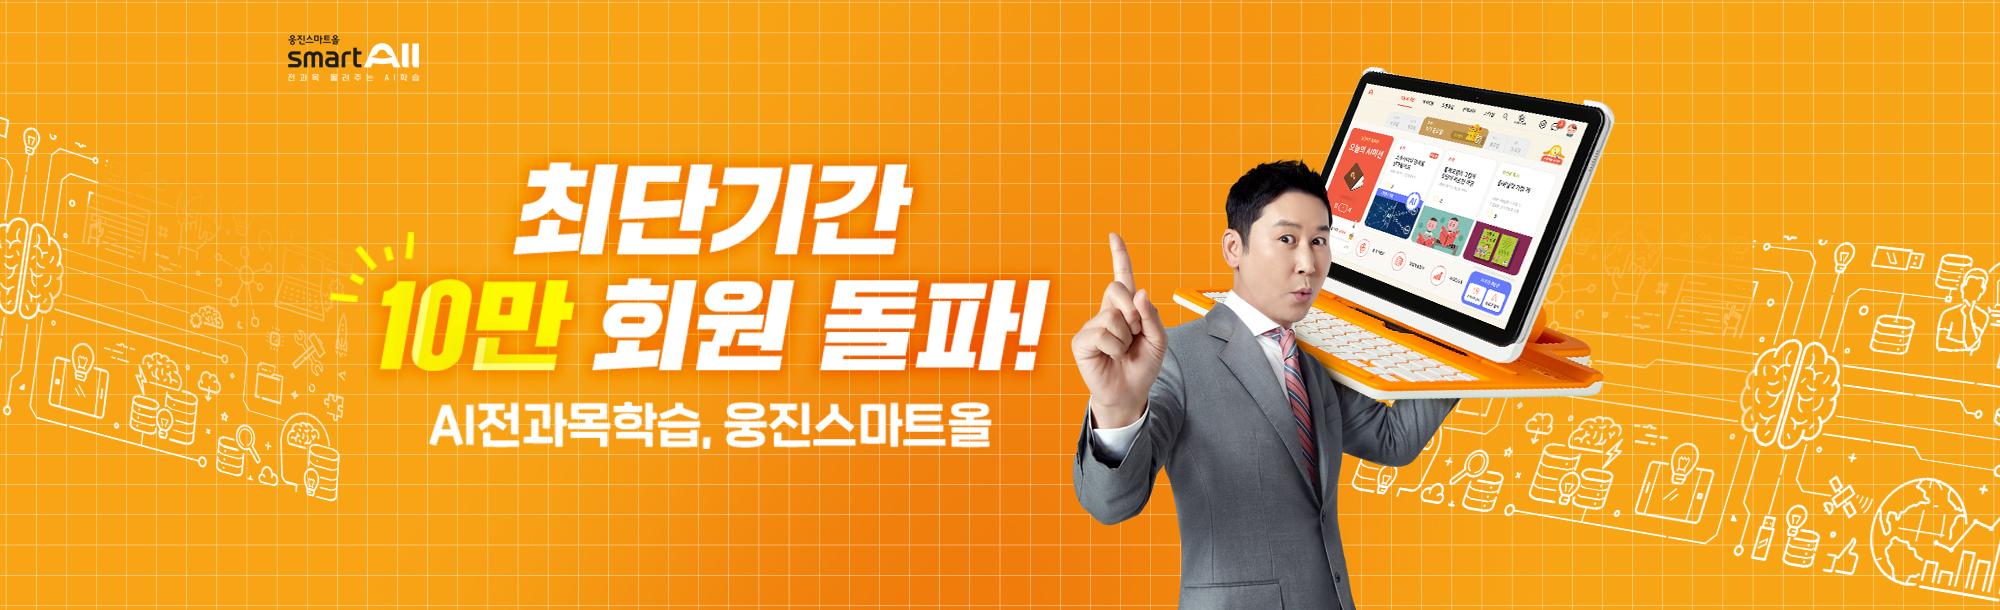 웅진스마트올 최단기 회원수 10만 돌파!